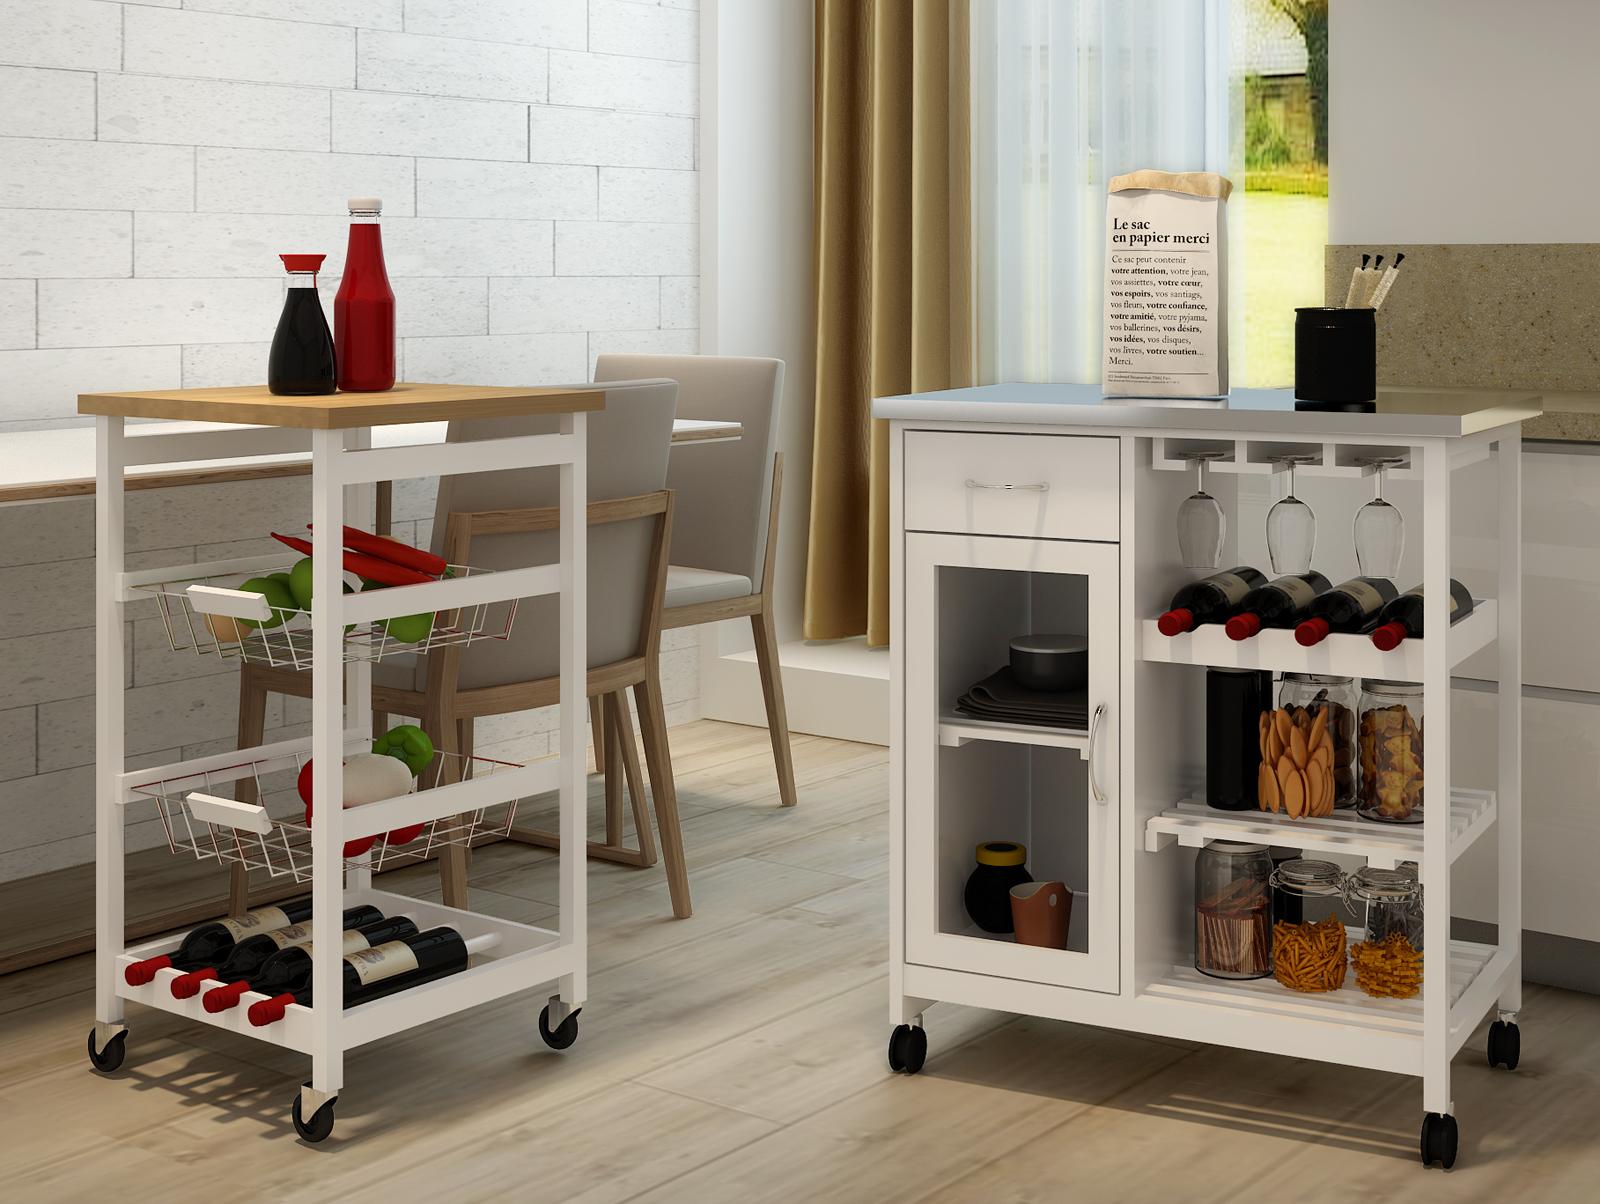 k chenwagen servierwagen rolltisch arbeitsplatte k che rollwagen beistelltisch ebay. Black Bedroom Furniture Sets. Home Design Ideas